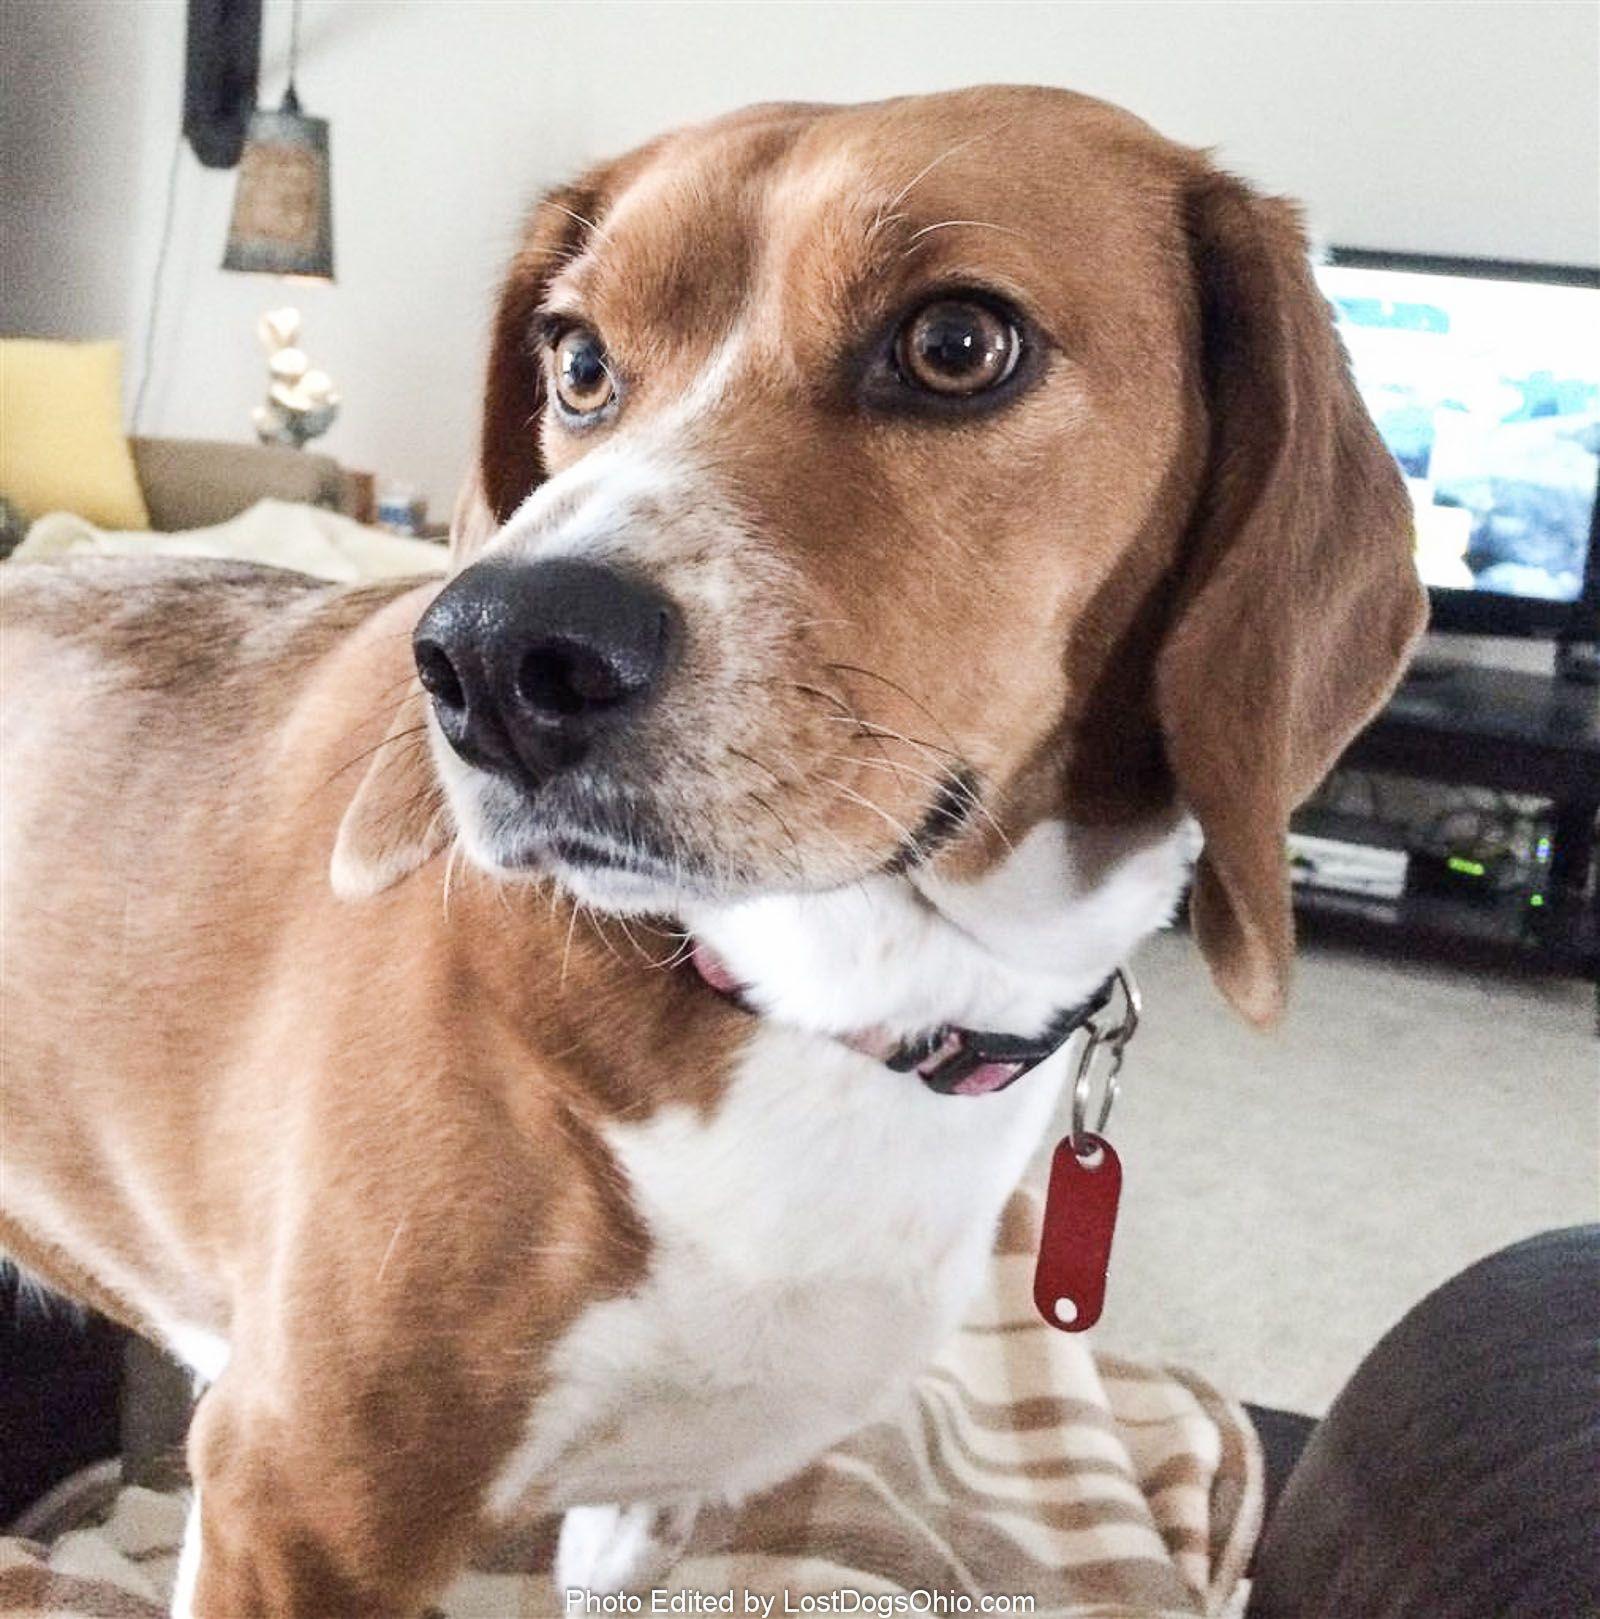 Back home dog beagle shalersville ravenna oh usa